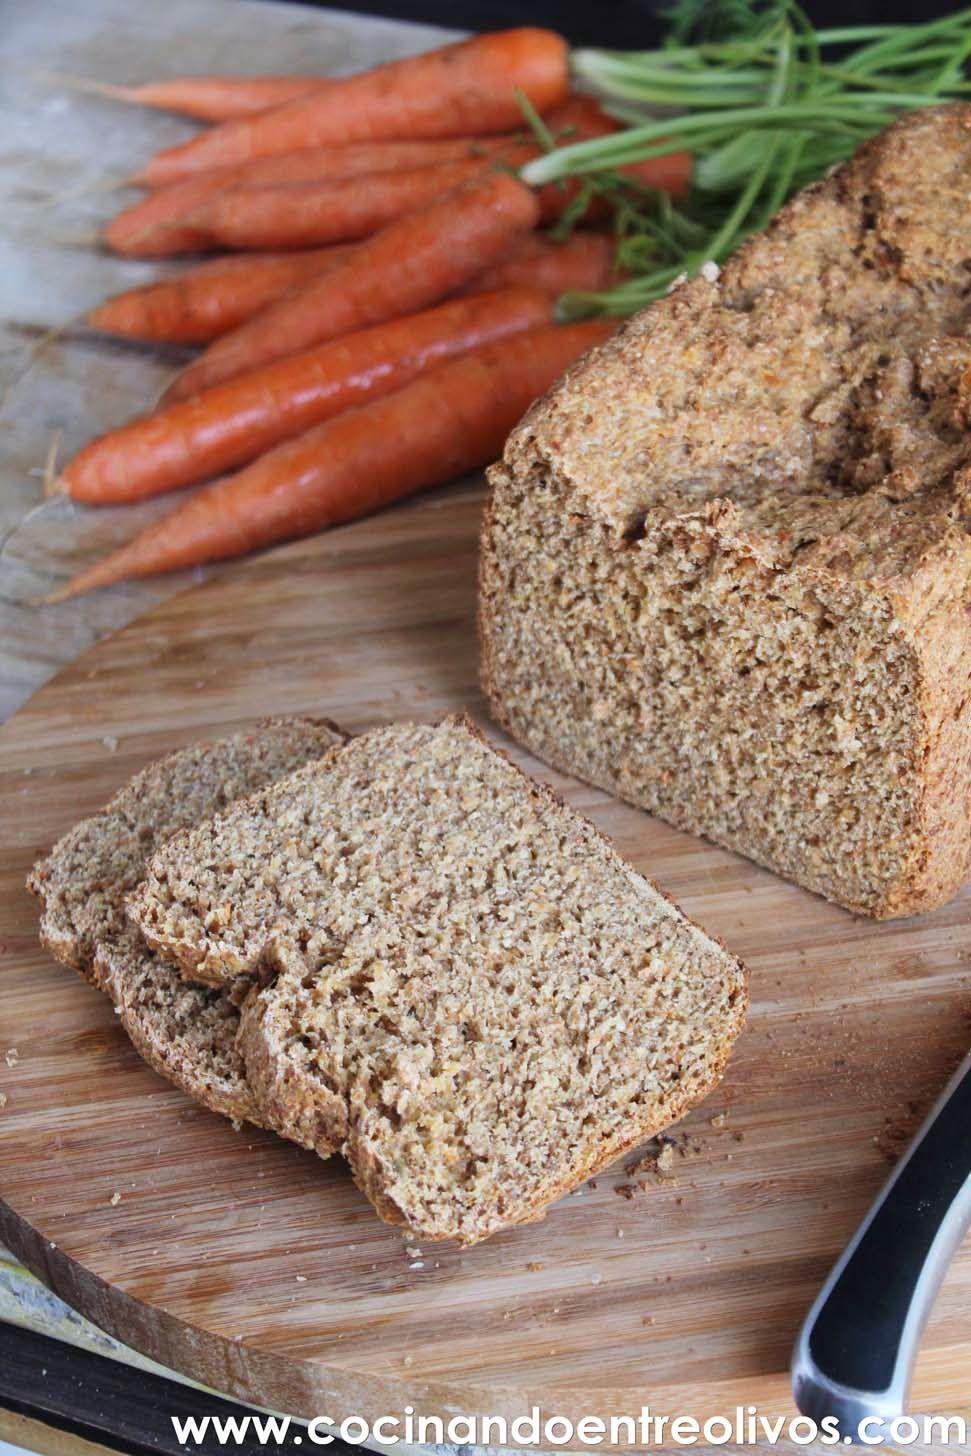 Cocinando entre olivos pan de molde integral de zanahoria - Cocinando entre olivos ...